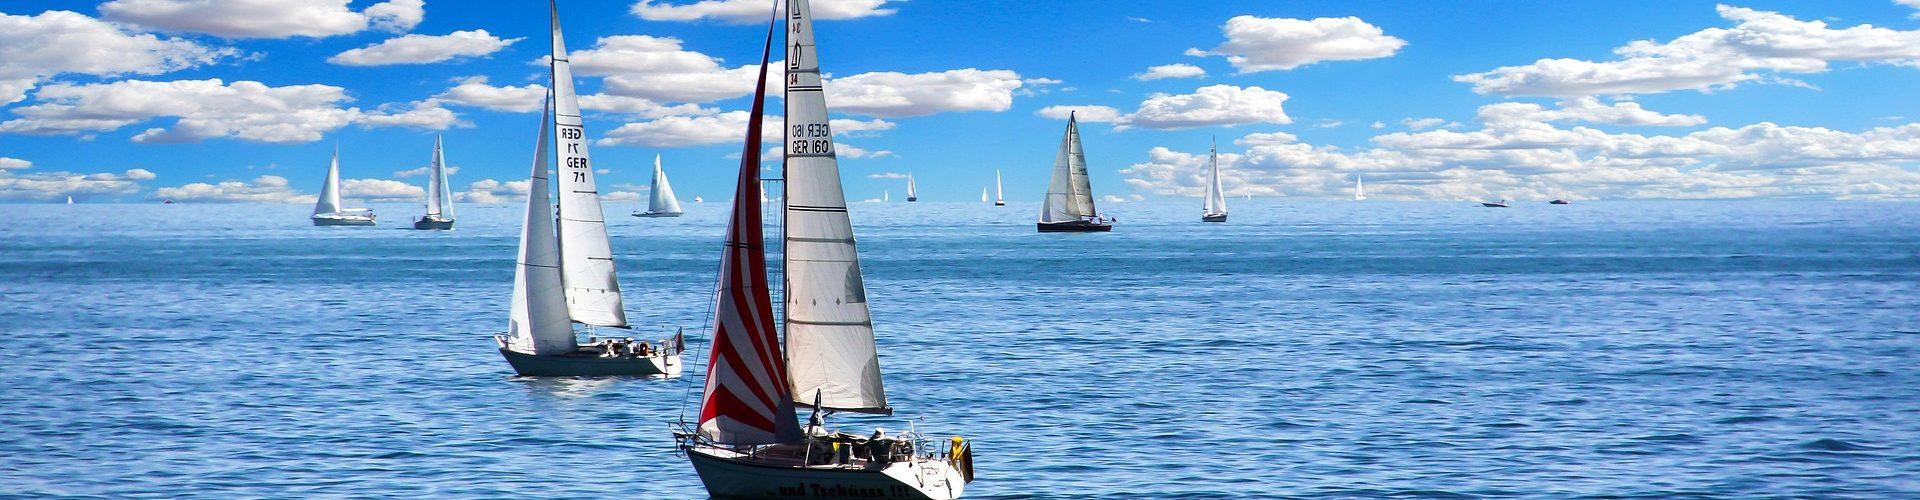 segeln lernen in Blieskastel segelschein machen in Blieskastel 1920x500 - Segeln lernen in Blieskastel